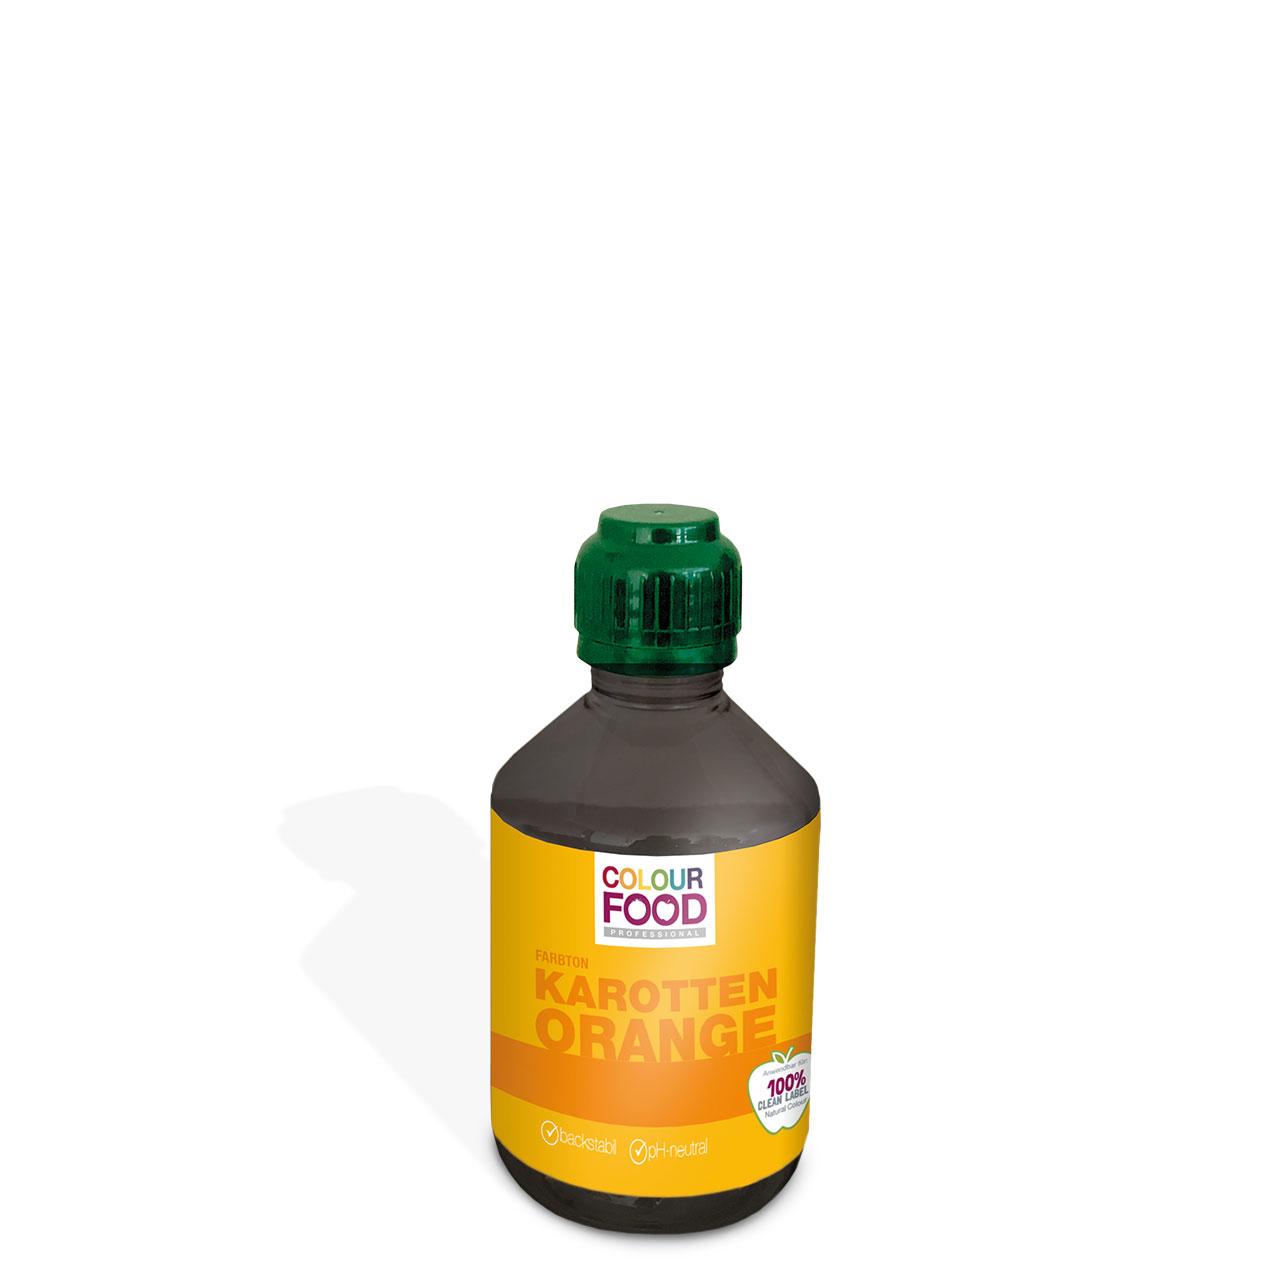 Natürliche Lebensmittelfarbe flüssig AZOfrei  Karotten orange